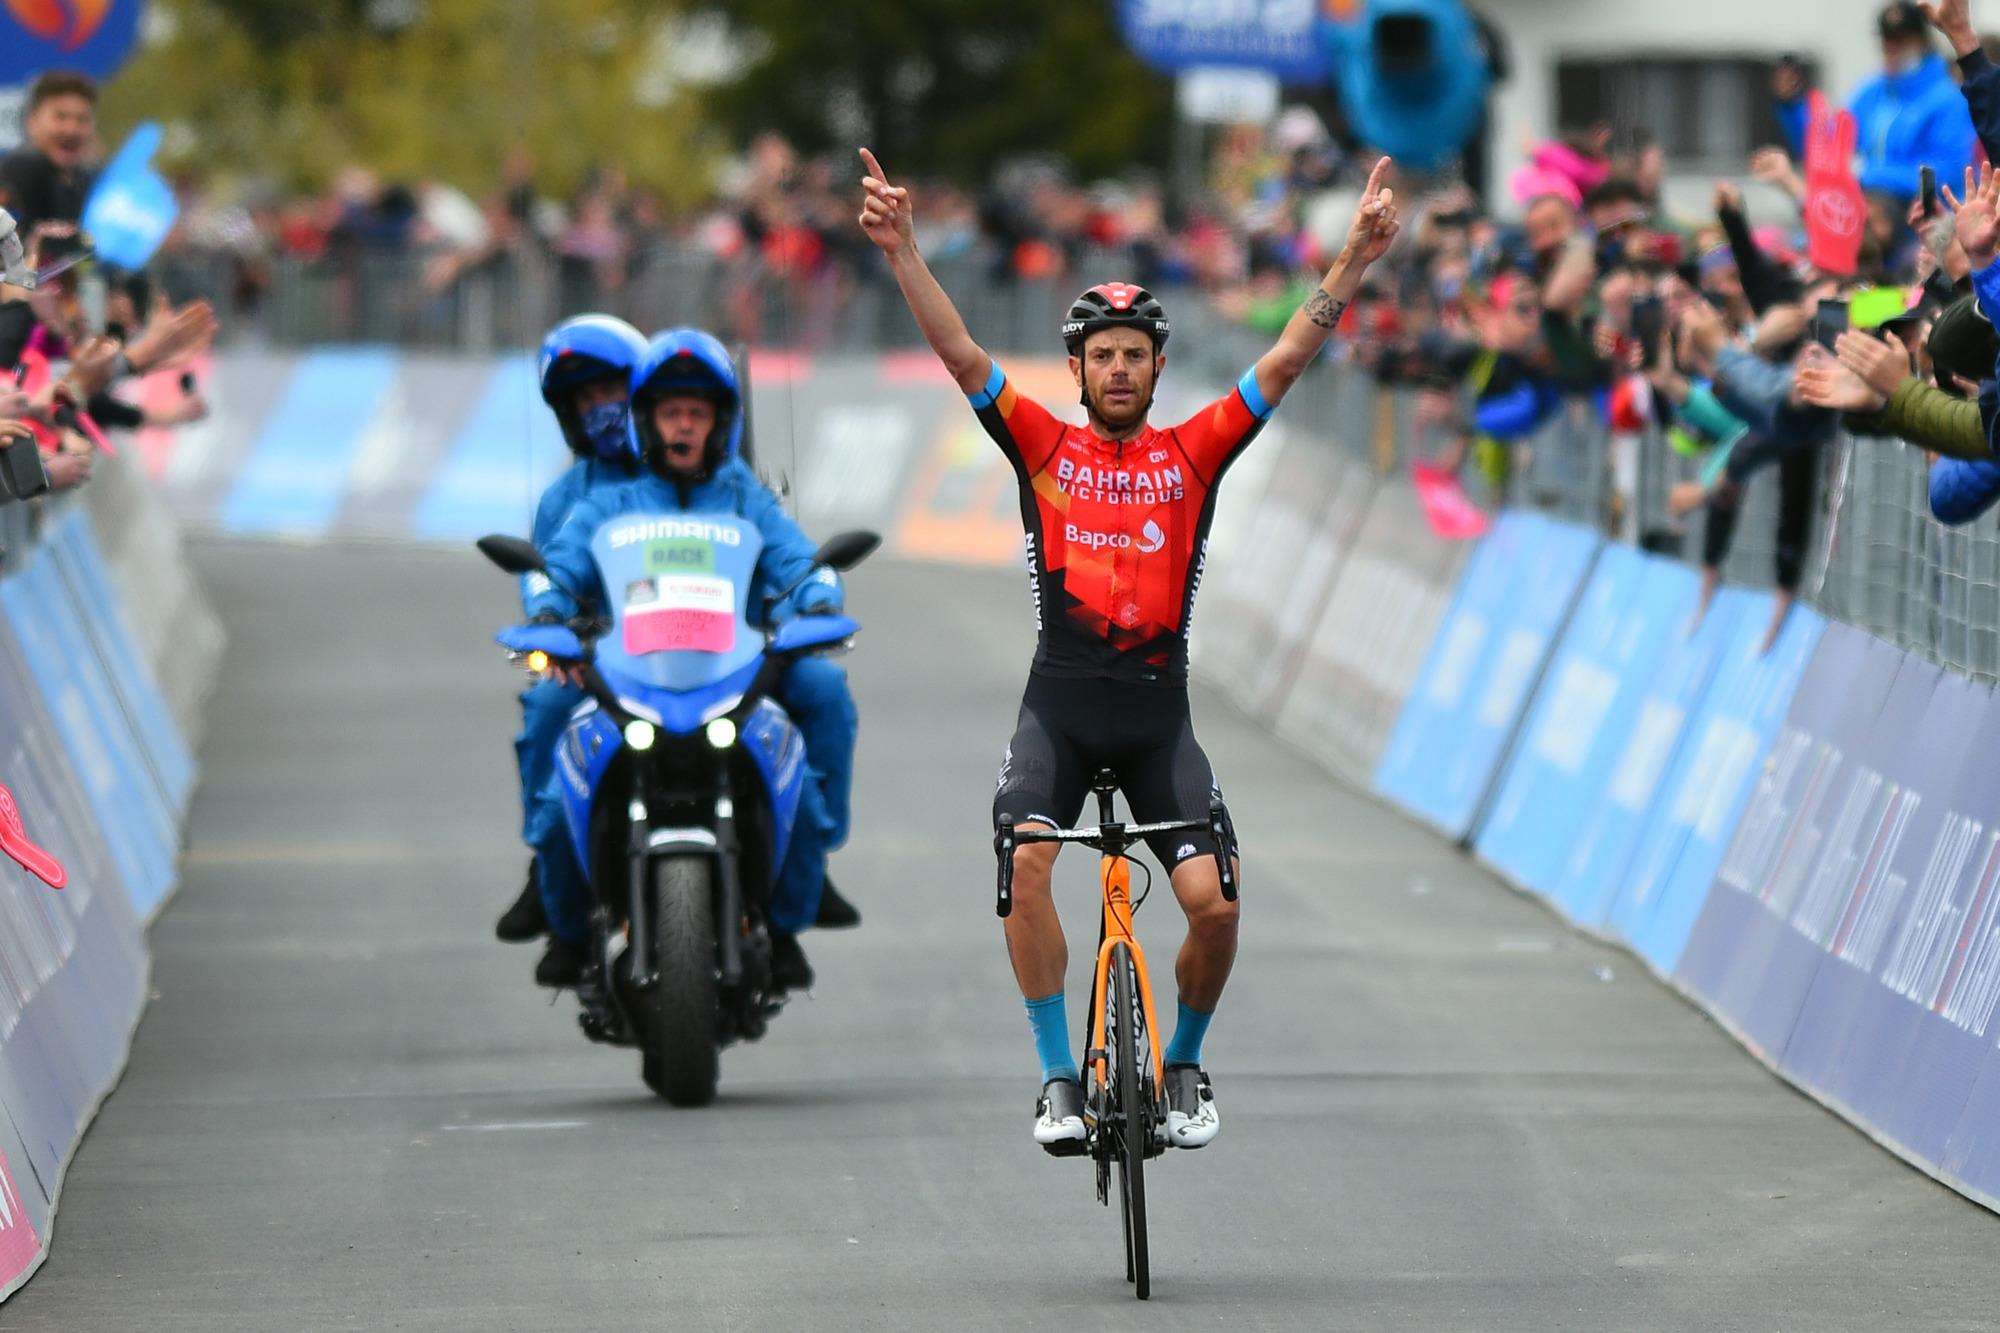 ダミアーノ・カルーゾがジロ・デ・イタリアのステージ20で初優勝し、gcで表彰台の地位を固めた